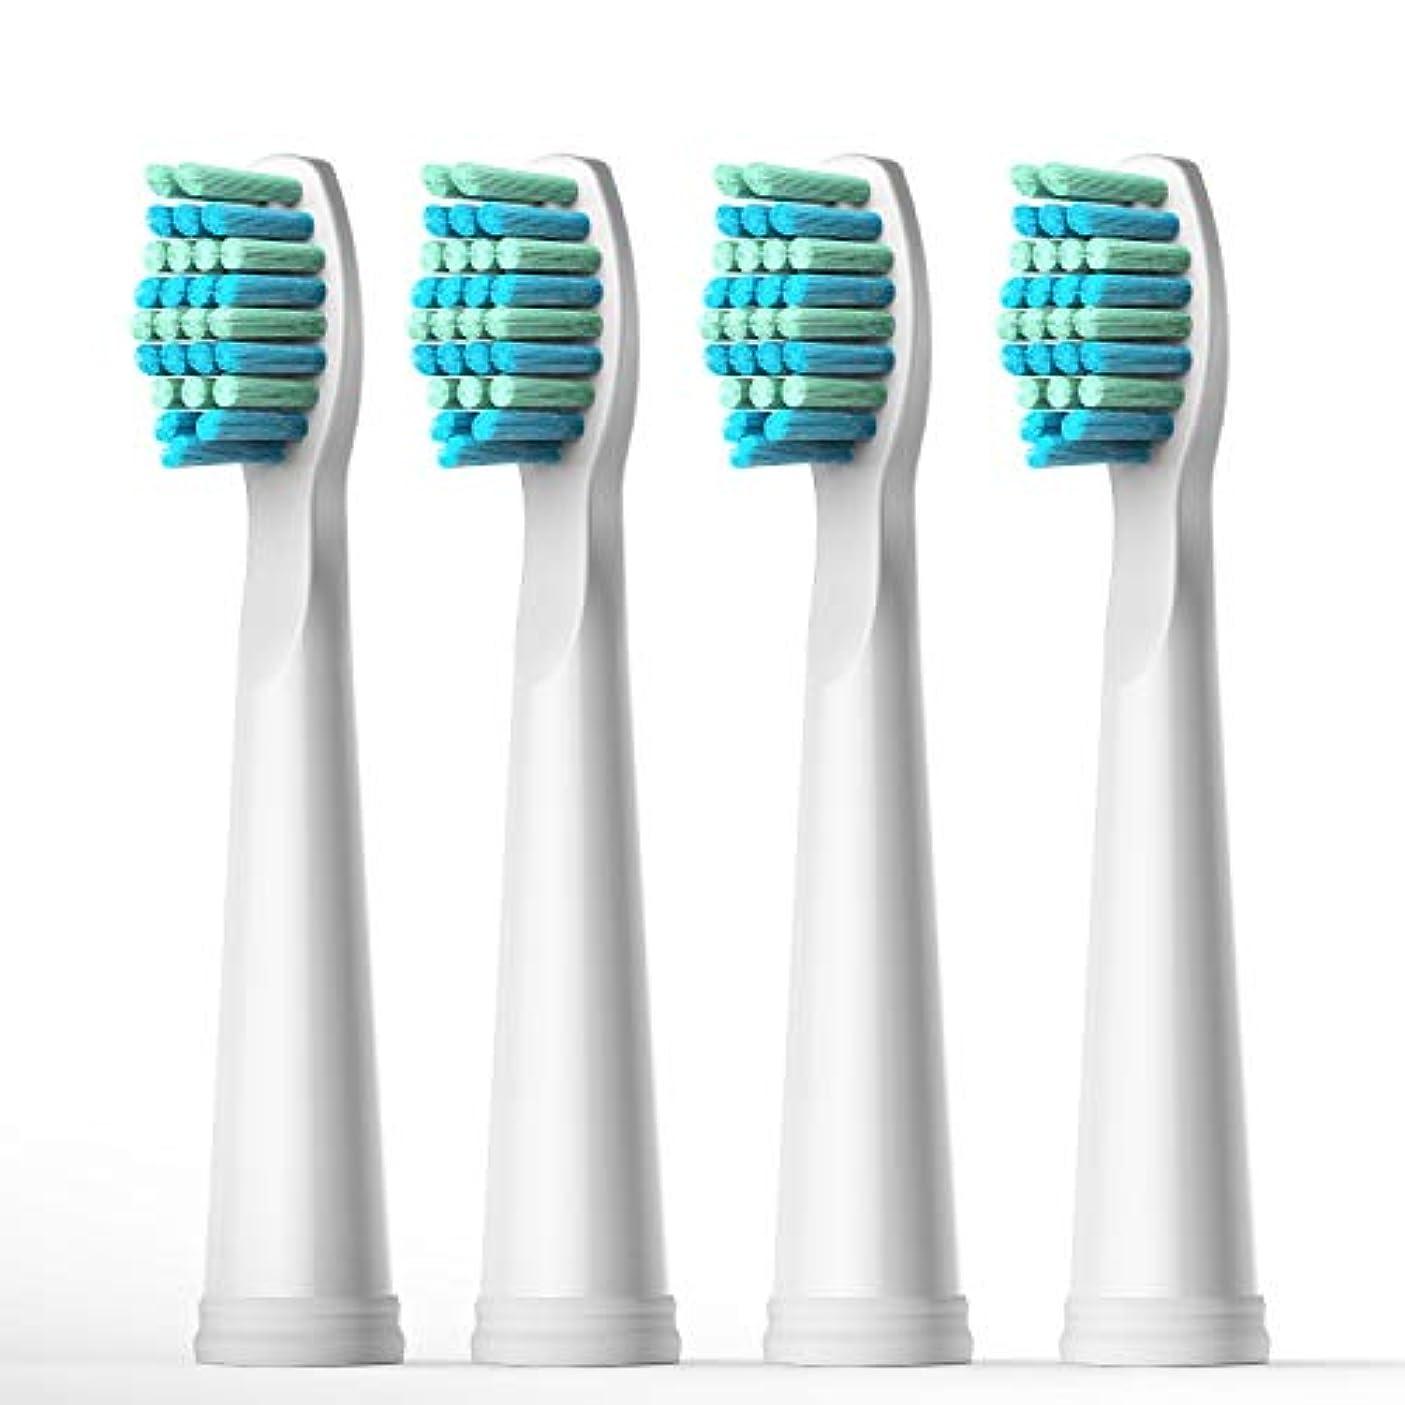 出席するマイナスマサッチョFairywill 電動歯ブラシ用 替ブラシ 4本入 互換ブラシ ブラシヘッド やわらかめ BH01